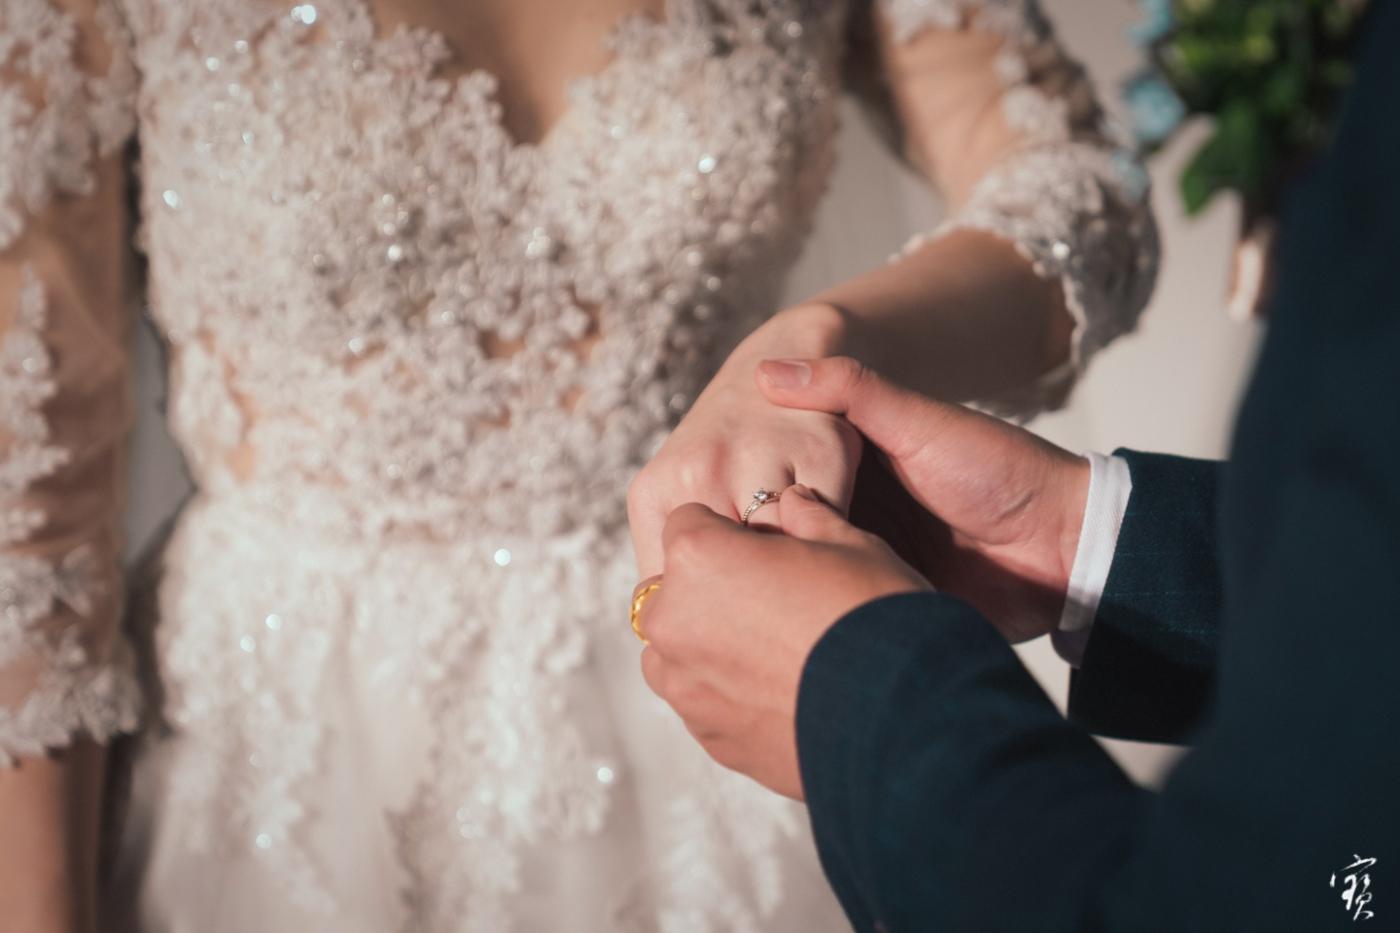 婚禮攝影 婚紗 大直 典華 冬半影像 攝影師大寶 北部攝影 台北攝影 桃園攝影 新竹攝影20181208-356